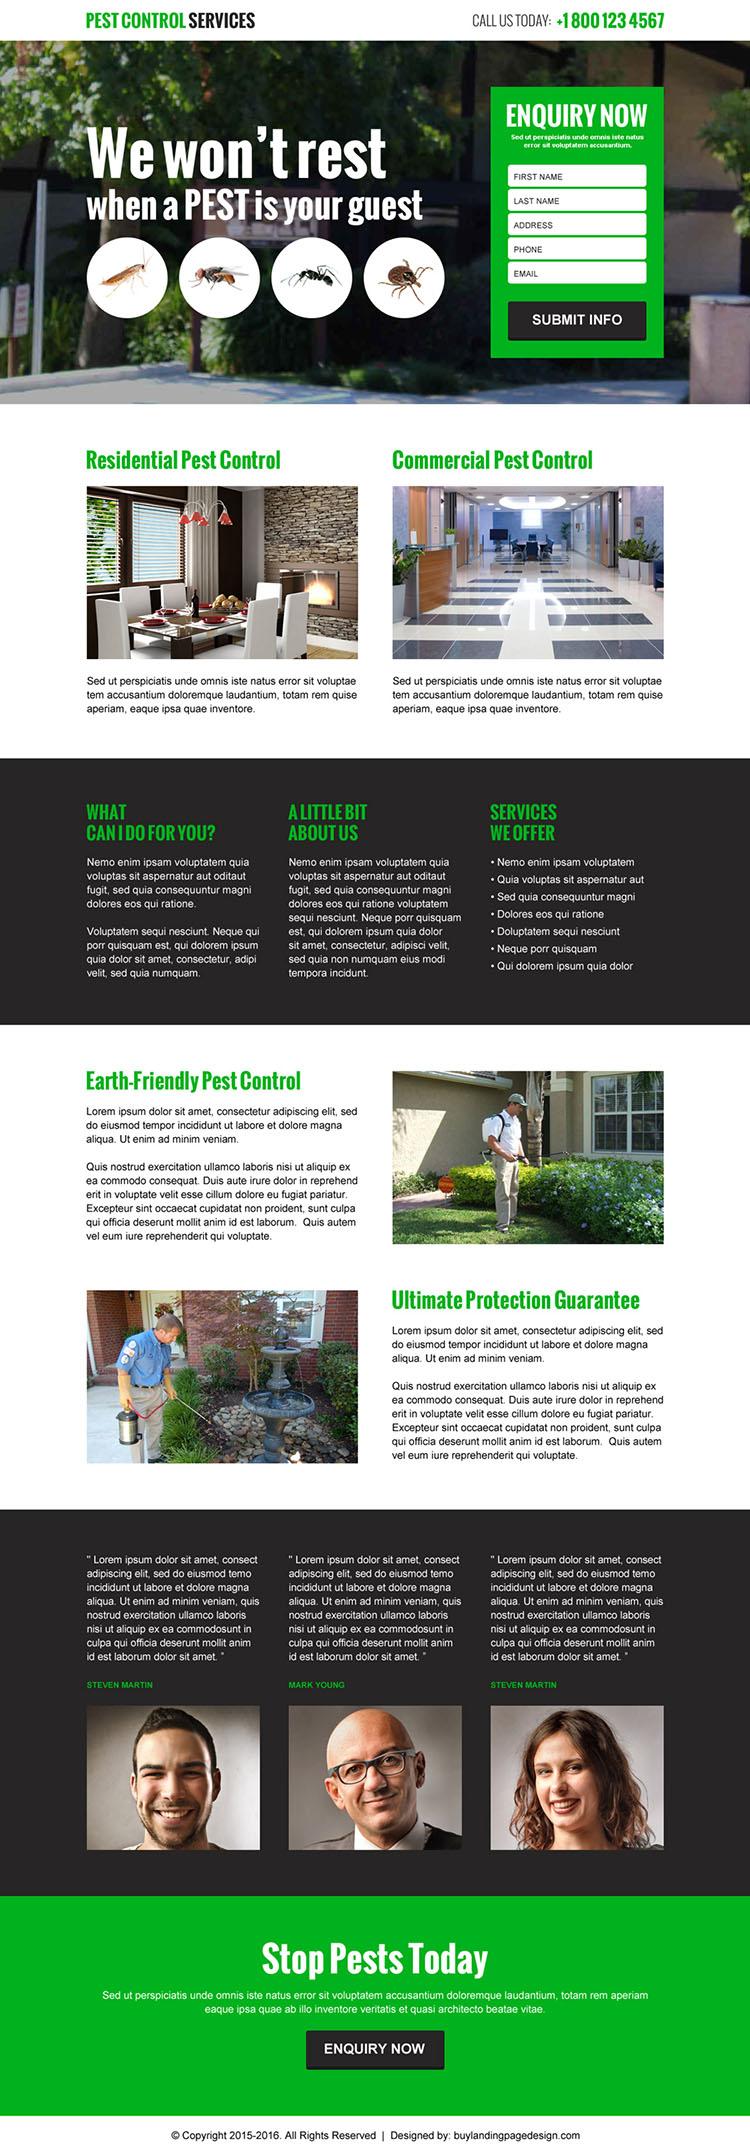 best pest control service lead gen landing page design template